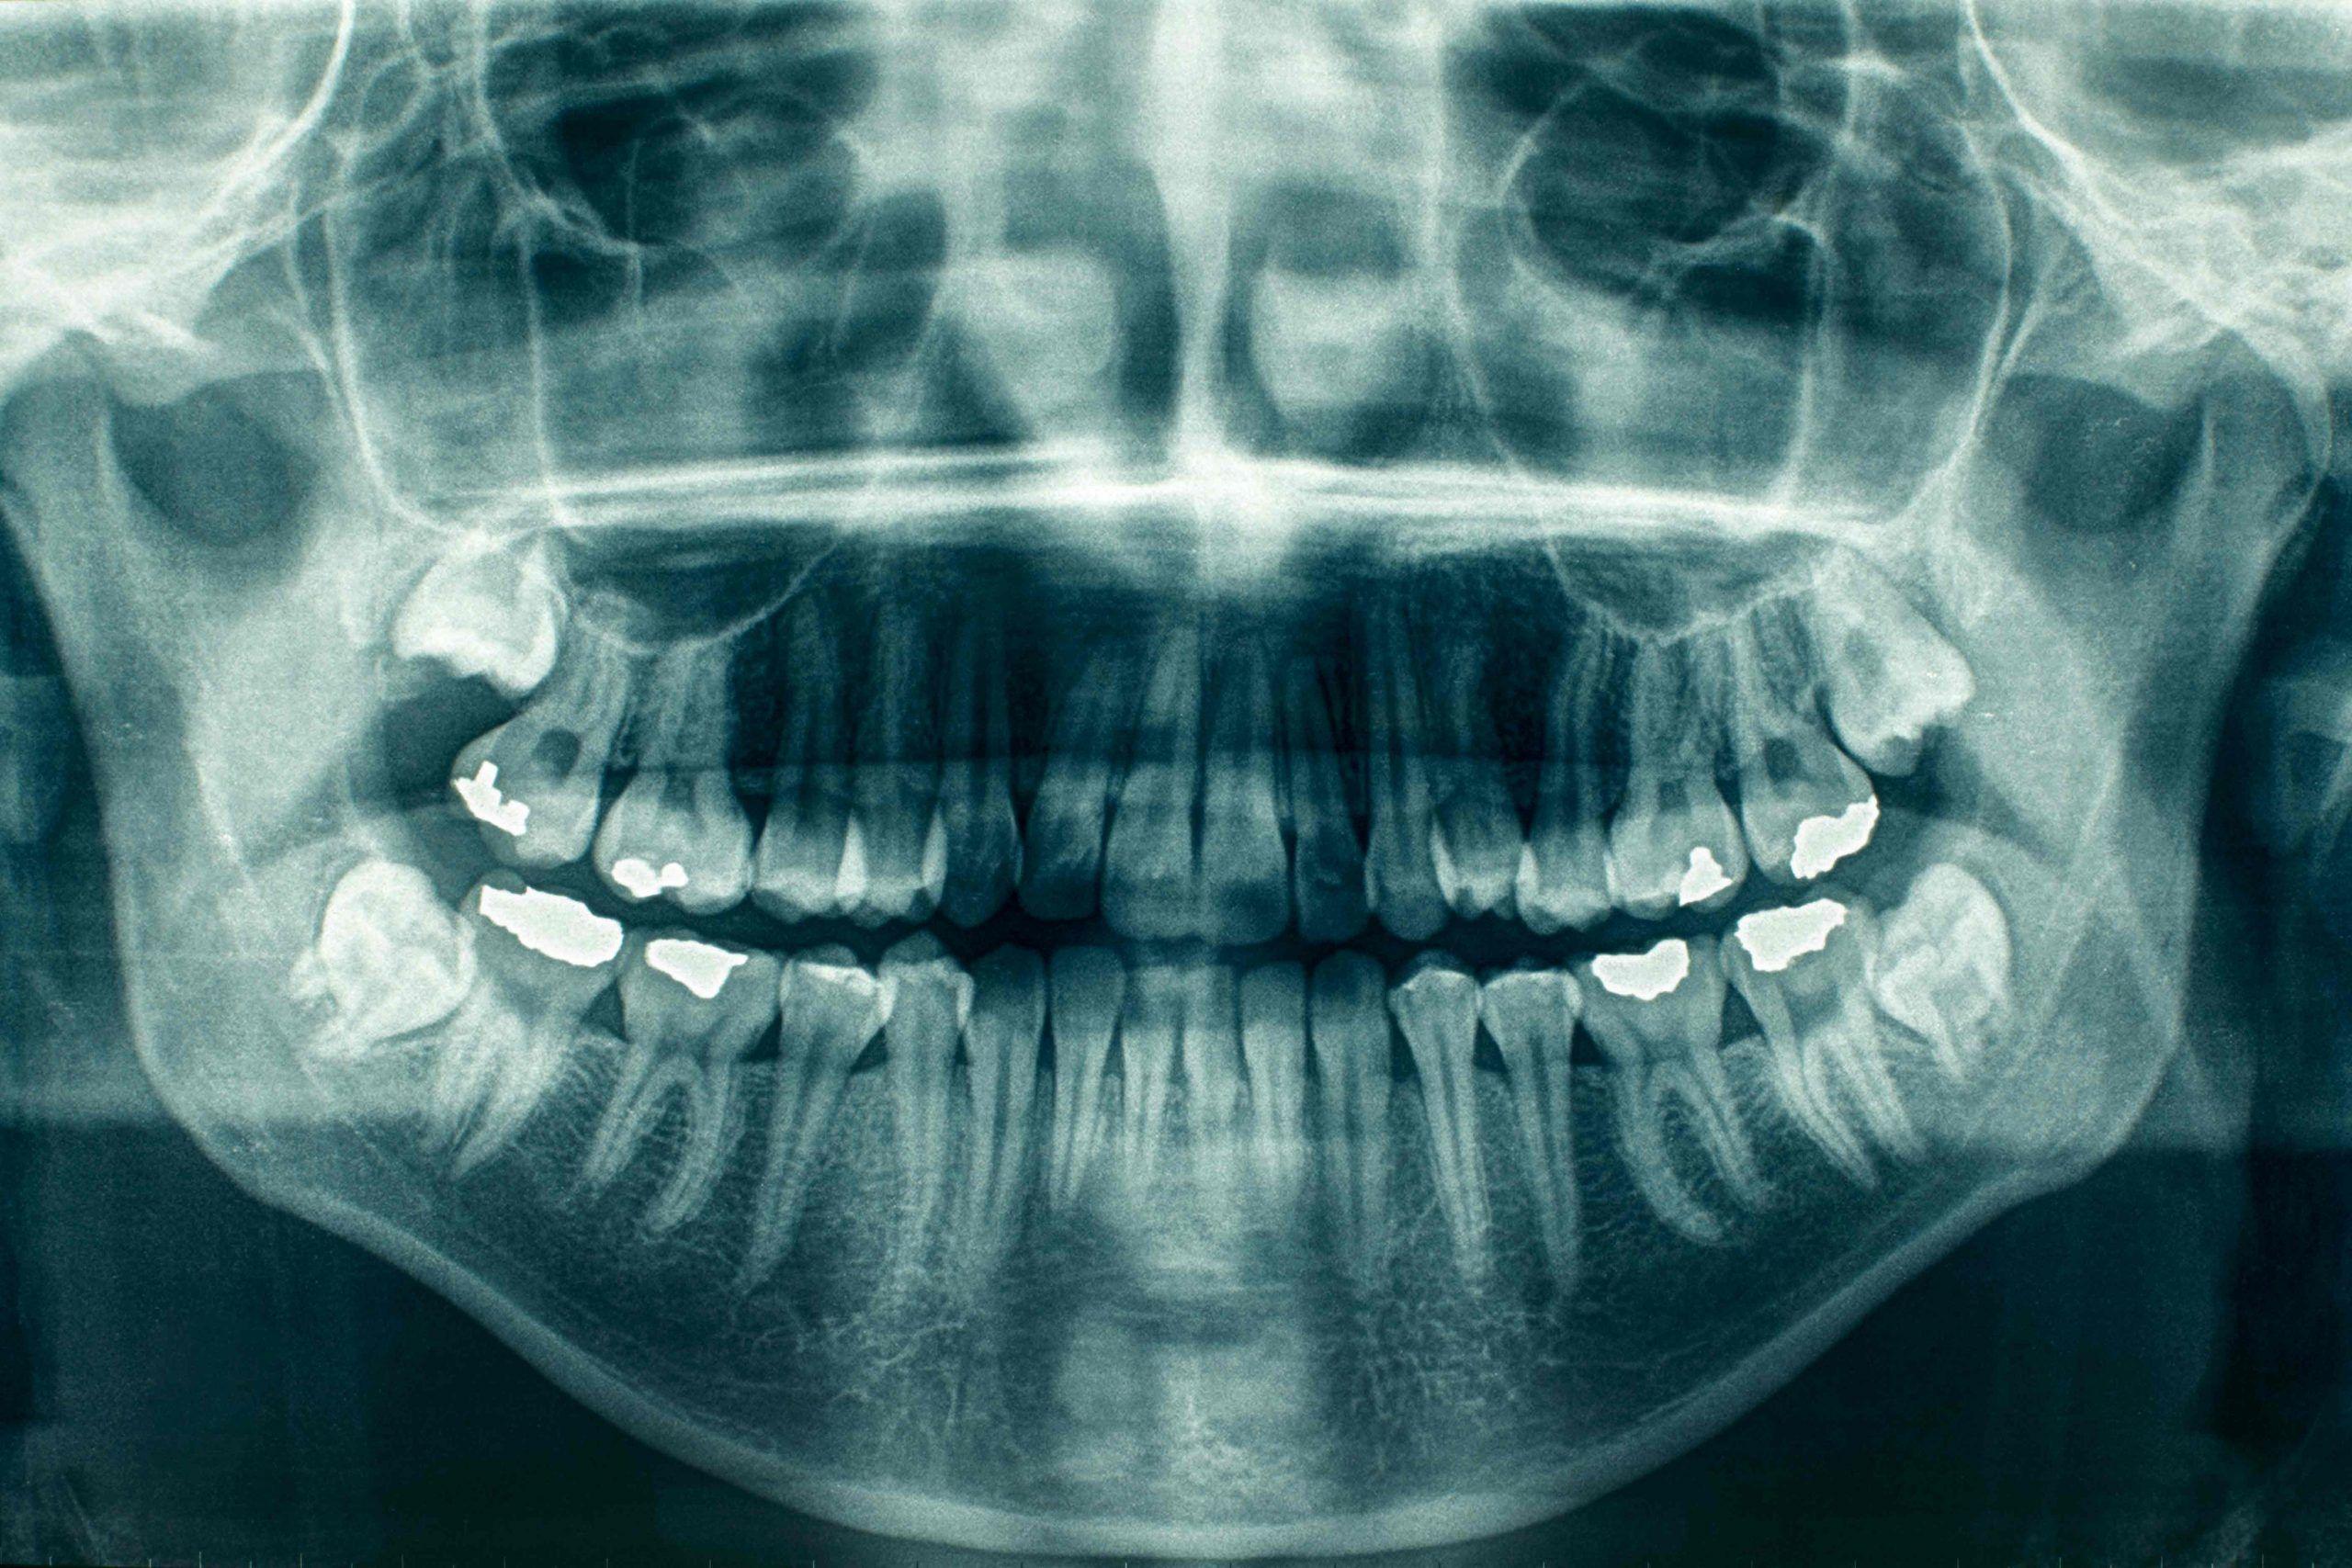 Odontología Forense - Imagen de una Radiografía Panorámica